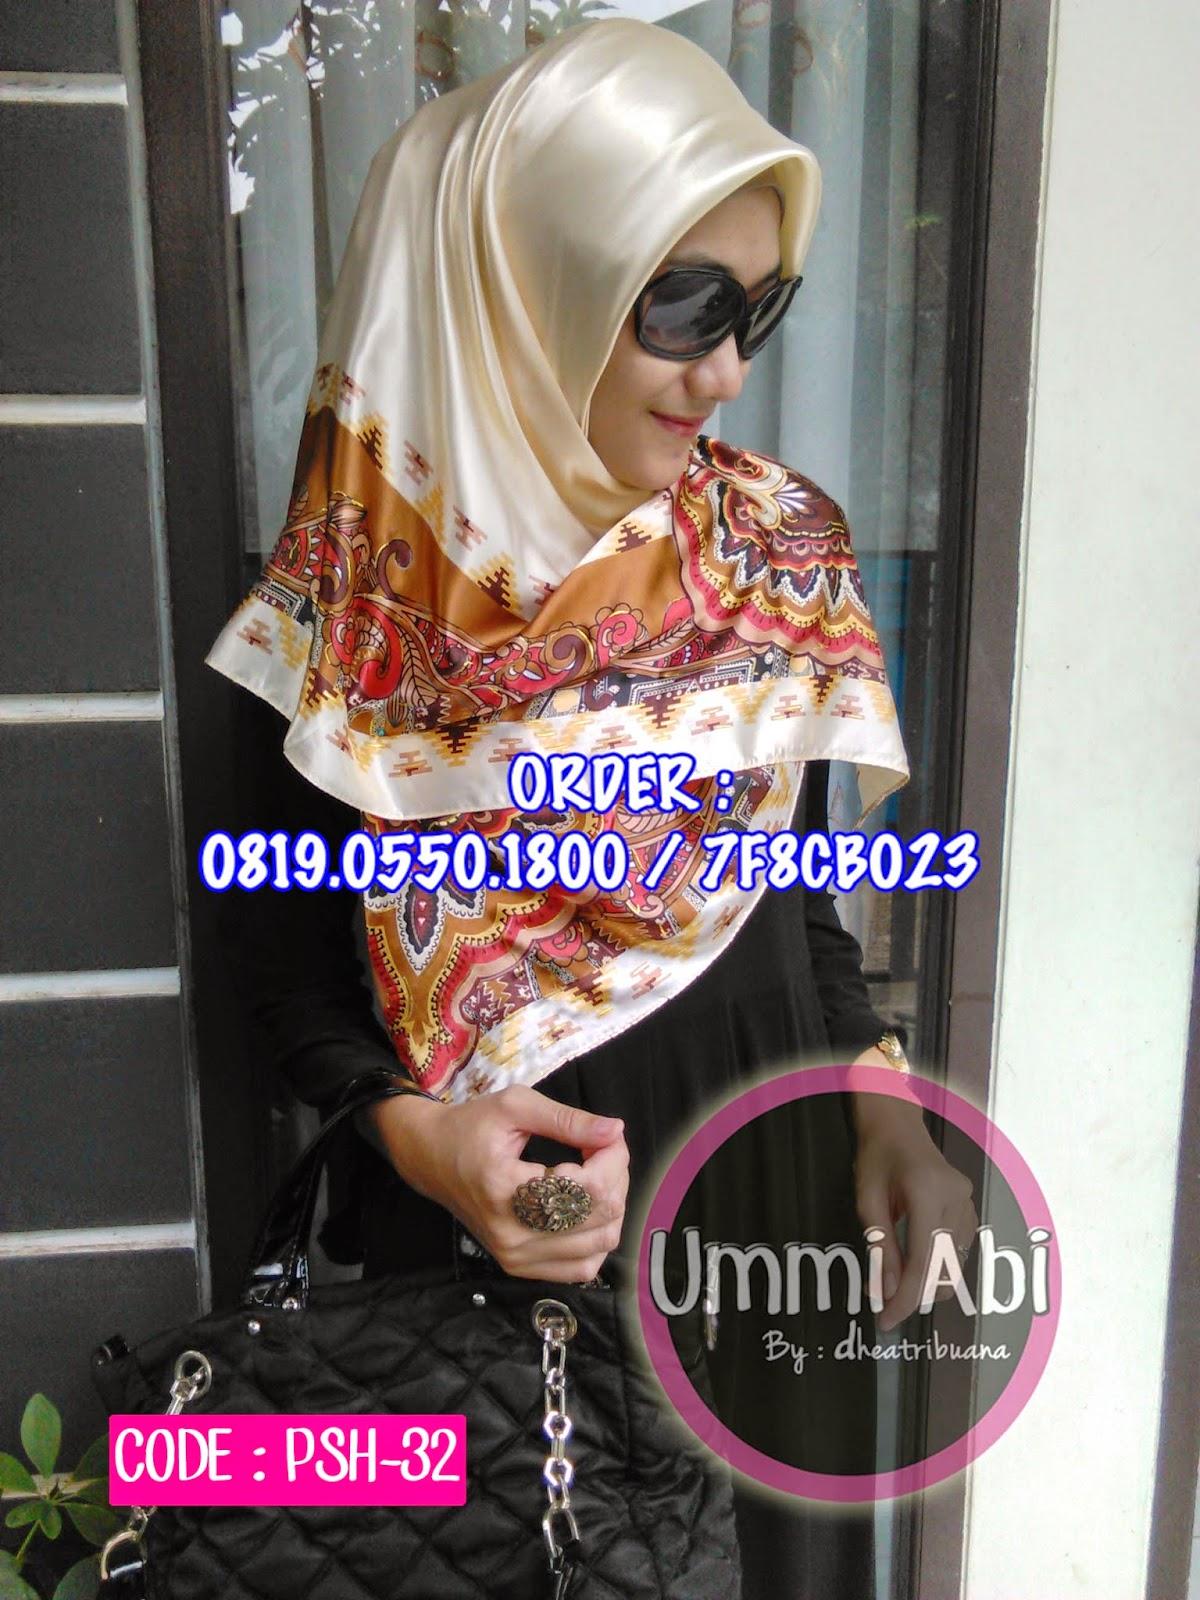 Klik untuk melihat koleksi Jilbab Terbaru